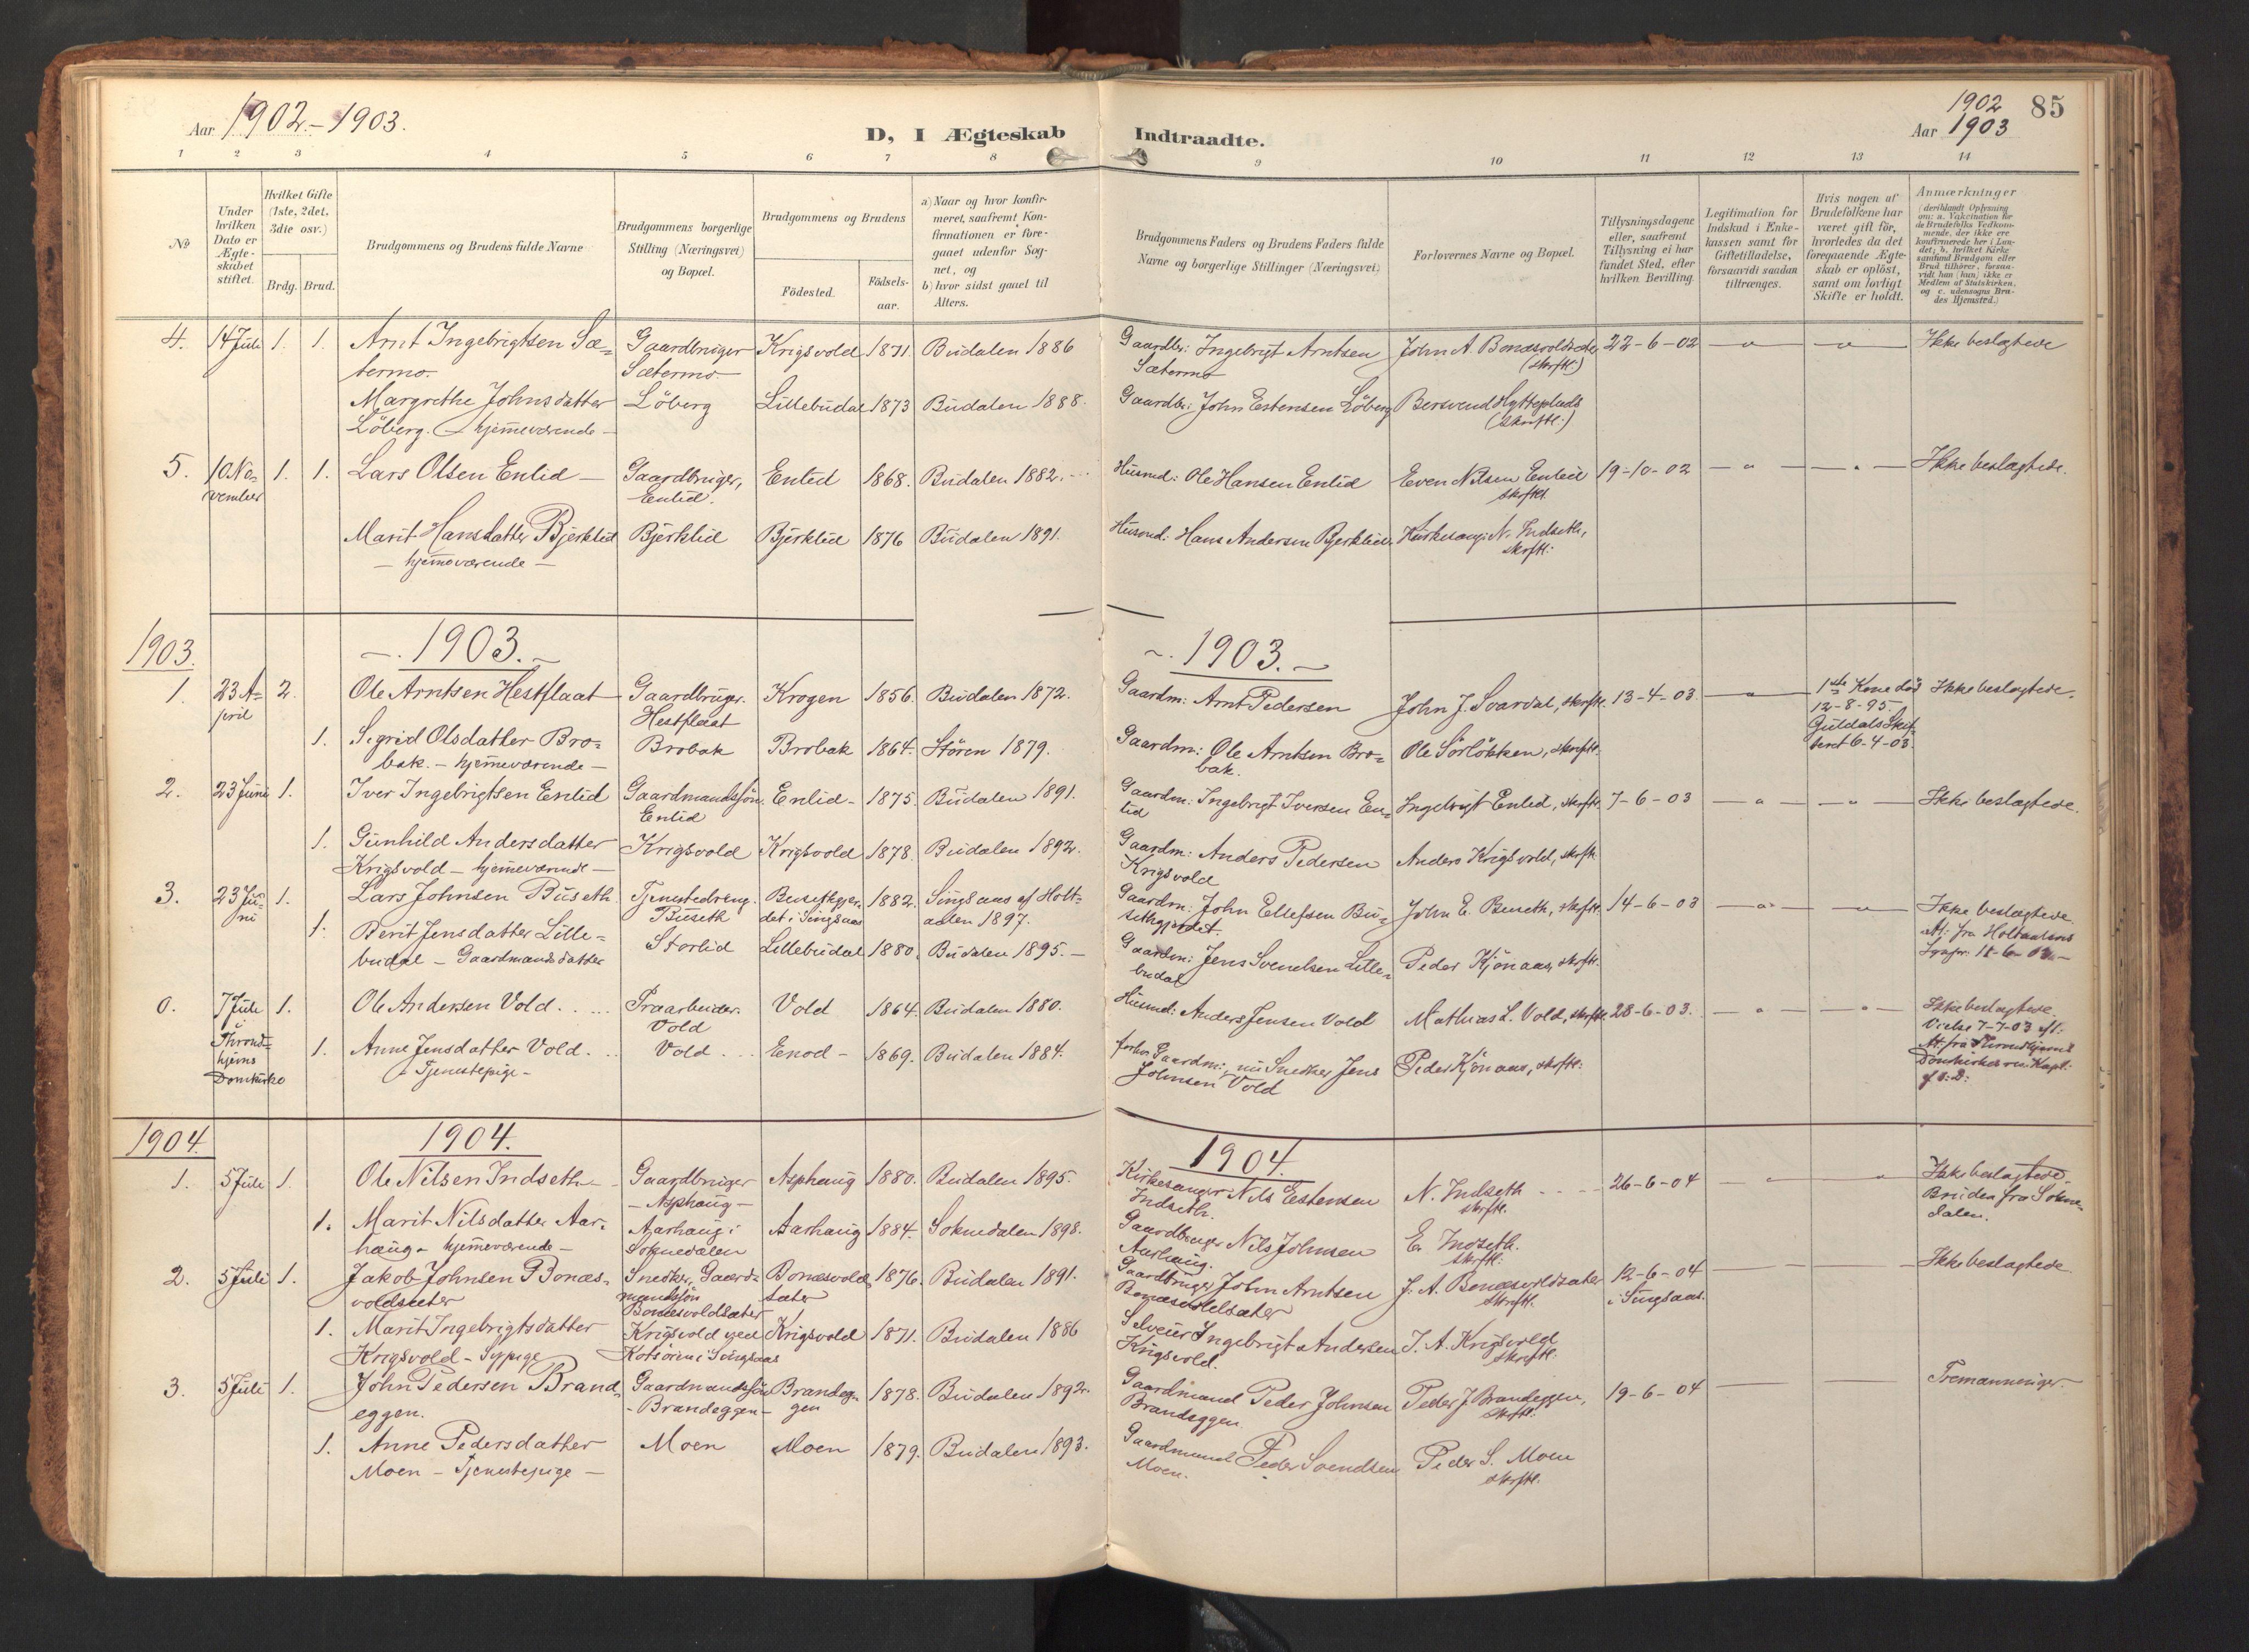 SAT, Ministerialprotokoller, klokkerbøker og fødselsregistre - Sør-Trøndelag, 690/L1050: Ministerialbok nr. 690A01, 1889-1929, s. 85